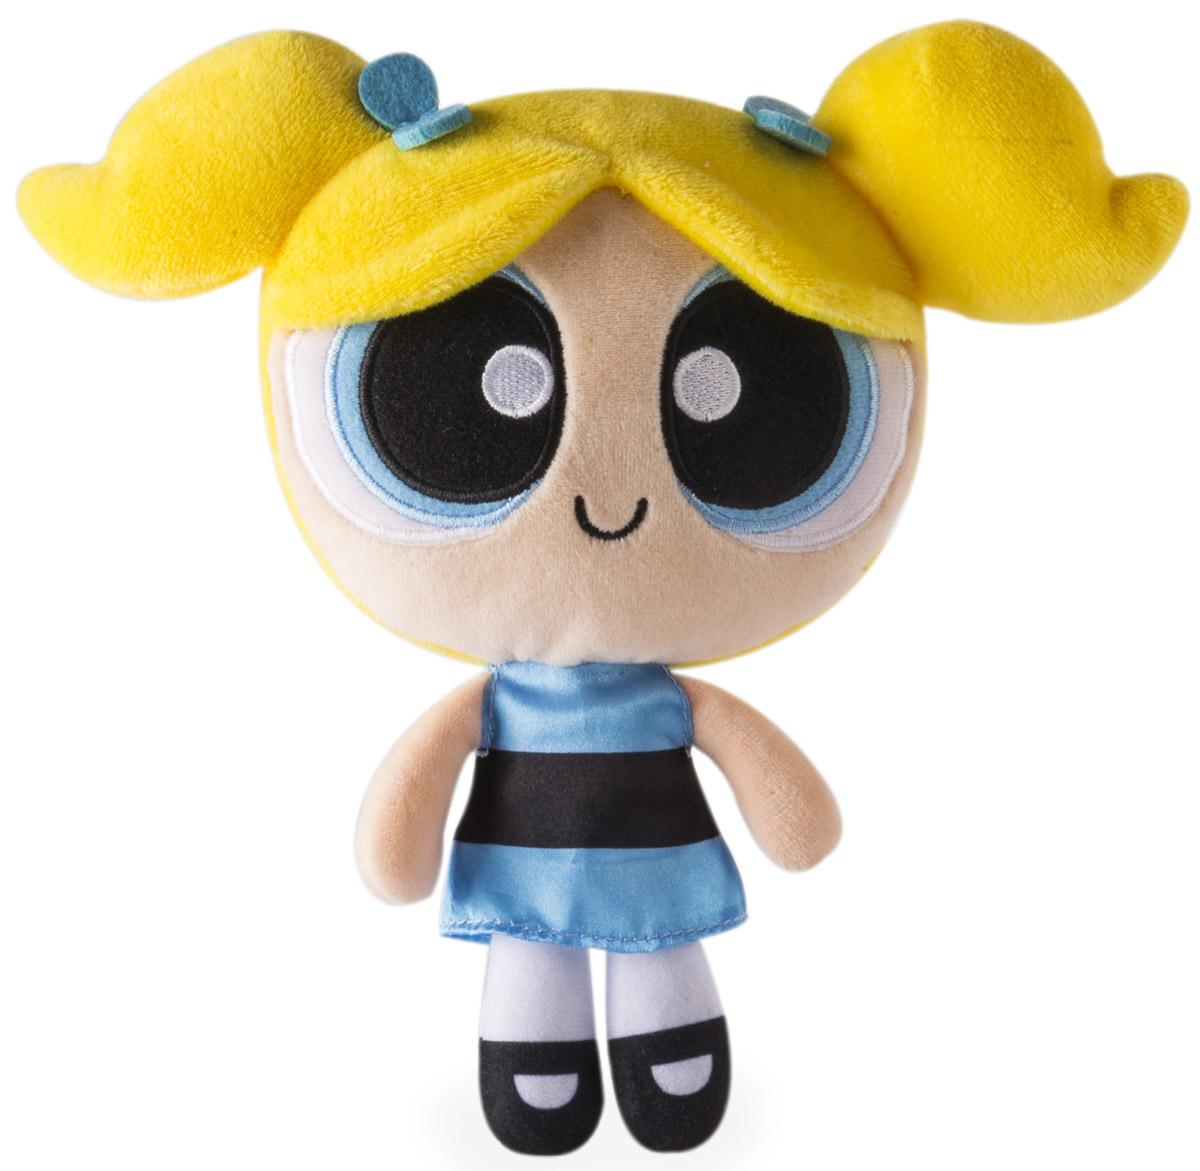 Powerpuff Girls Мягкая кукла Пузырек22306_ПузырекМягкие куклы Powerpuff Girls - это любимые героини мультфильма Суперкрошки. В основе сюжета этого анимационного мультфильма - приключения крутых девчонок, ставших результатом неудачного опыта профессора Утония, мечтавшего создать идеальную девочку. В процессе смешивания различных ингредиентов в смесь попало неизвестное химическое вещество - в итоге на свет появились необычные девочки, обладающие сверхспособностями, которых назвали Суперкрошками. С тех пор невероятные способности помогают девочкам бороться с силами зла, защищая свой город Таунсвилль. Добрая и жизнерадостная, белокурая девочка по имени Пузырек знает много языков, а ее основная суперспособность - это умение разговаривать с животными. Главный враг суперкрошек - обезьяна-мутант с большим мозгом Моджо Джоджо, мечтающий захватить мир. Помешайте этому злодею вместе с крошками из Таунсвилля! Специальные гранулы, используемые при набивке мягкой куклы, способствуют развитию мелкой моторики рук малыша.